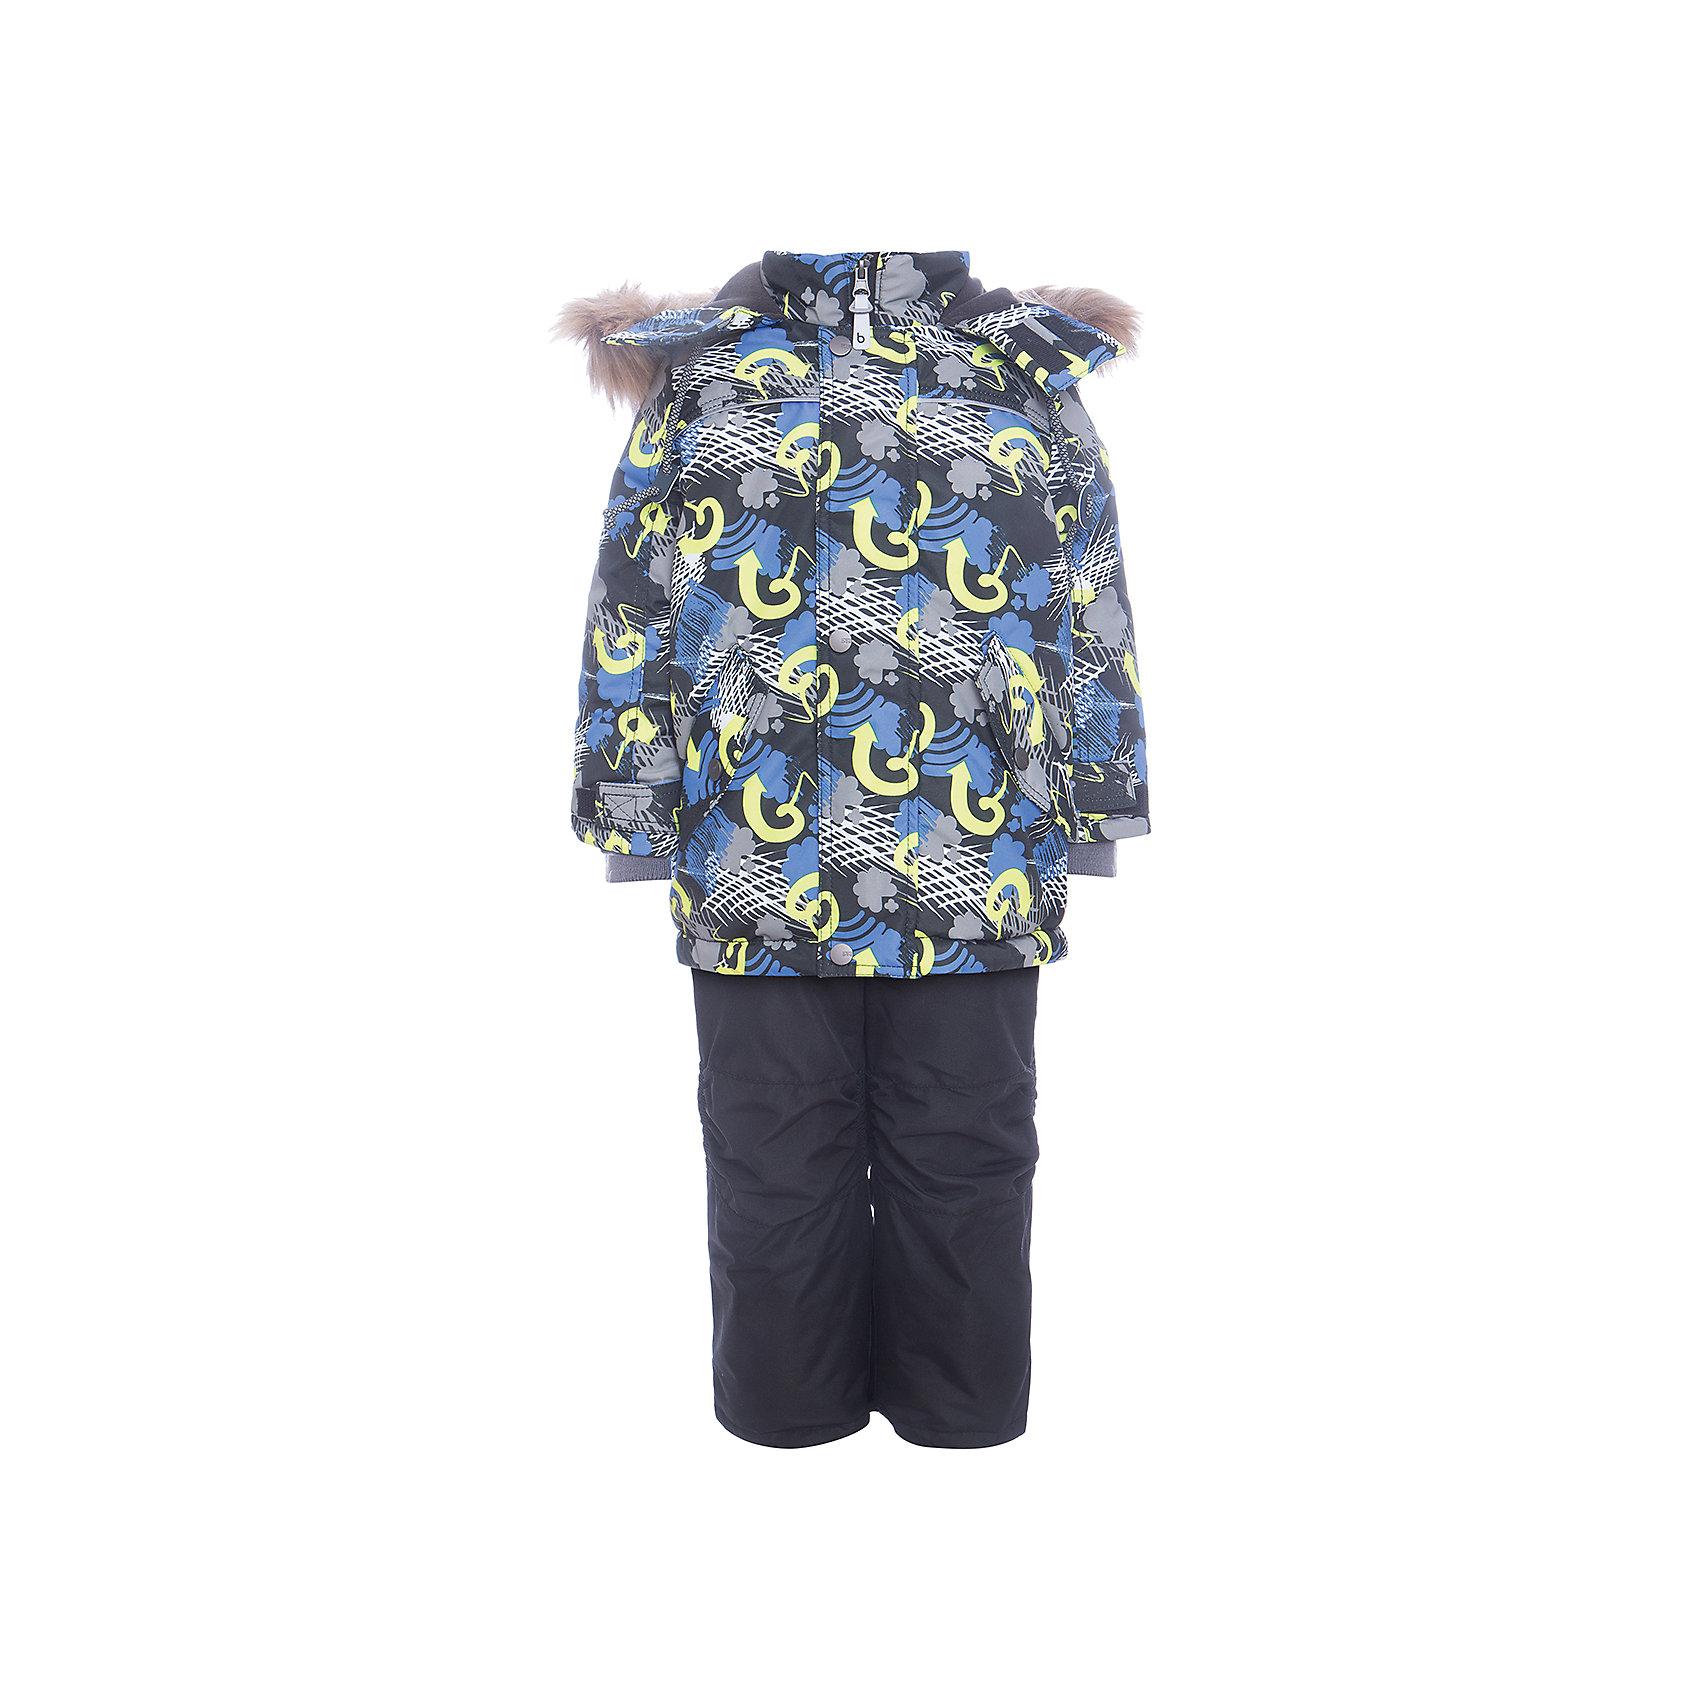 Комплект: куртка и полукомбенизон Дима Batik для мальчикаВерхняя одежда<br>Характеристики товара:<br><br>• цвет: синий<br>• комплектация: куртка и полукомбинезон, толстовка<br>• состав ткани: таслан<br>• подкладка: поларфлис<br>• утеплитель: слайтекс<br>• сезон: зима<br>• мембранное покрытие<br>• температурный режим: от -35 до 0<br>• водонепроницаемость: 5000 мм <br>• паропроницаемость: 5000 г/м2<br>• плотность утеплителя: куртка - 350 г/м2, полукомбинезон - 200 г/м2<br>• застежка: молния<br>• капюшон: с мехом, отстегивается<br>• в комплекте толстовка<br>• встроенный термодатчик<br>• страна бренда: Россия<br>• страна изготовитель: Россия<br><br>Зимний детский комплект защитит ребенка от попадания снега внутрь благодаря манжетам. Этот теплый зимний комплект для мальчика дополнен толстовкой. Мягкая подкладка детского комплекта для зимы делает его очень комфортным. Мембранное покрытие такого комплекта для мальчика позволяет ребенку не мерзнуть в сильный мороз. <br><br>Комплект: куртка и полукомбинезон Дима Batik (Батик) для мальчика можно купить в нашем интернет-магазине.<br><br>Ширина мм: 356<br>Глубина мм: 10<br>Высота мм: 245<br>Вес г: 519<br>Цвет: синий<br>Возраст от месяцев: 12<br>Возраст до месяцев: 18<br>Пол: Мужской<br>Возраст: Детский<br>Размер: 86,92,98,104,110,116<br>SKU: 7028309